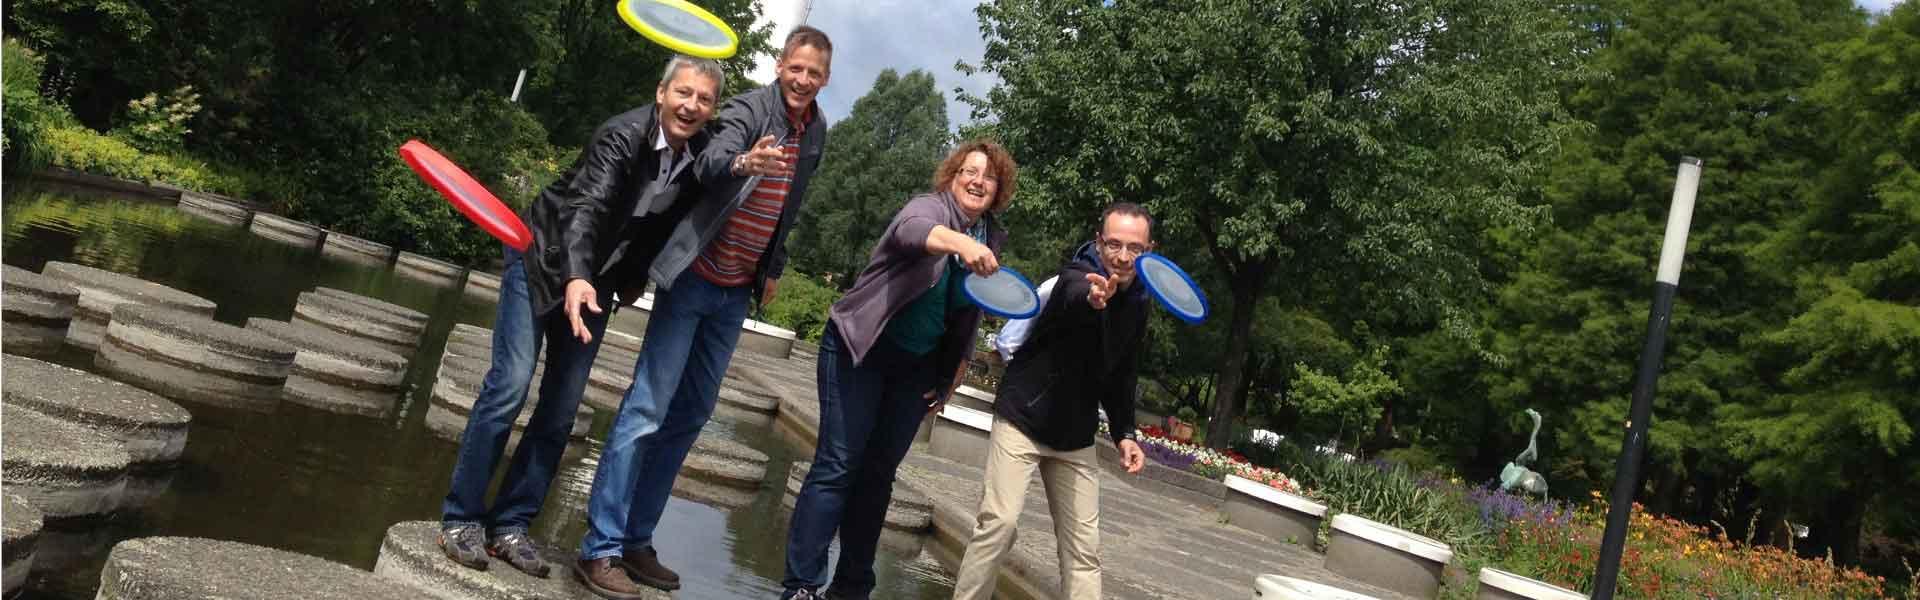 Frisbee straatgolf | Bedrijfsuitjes in Twente